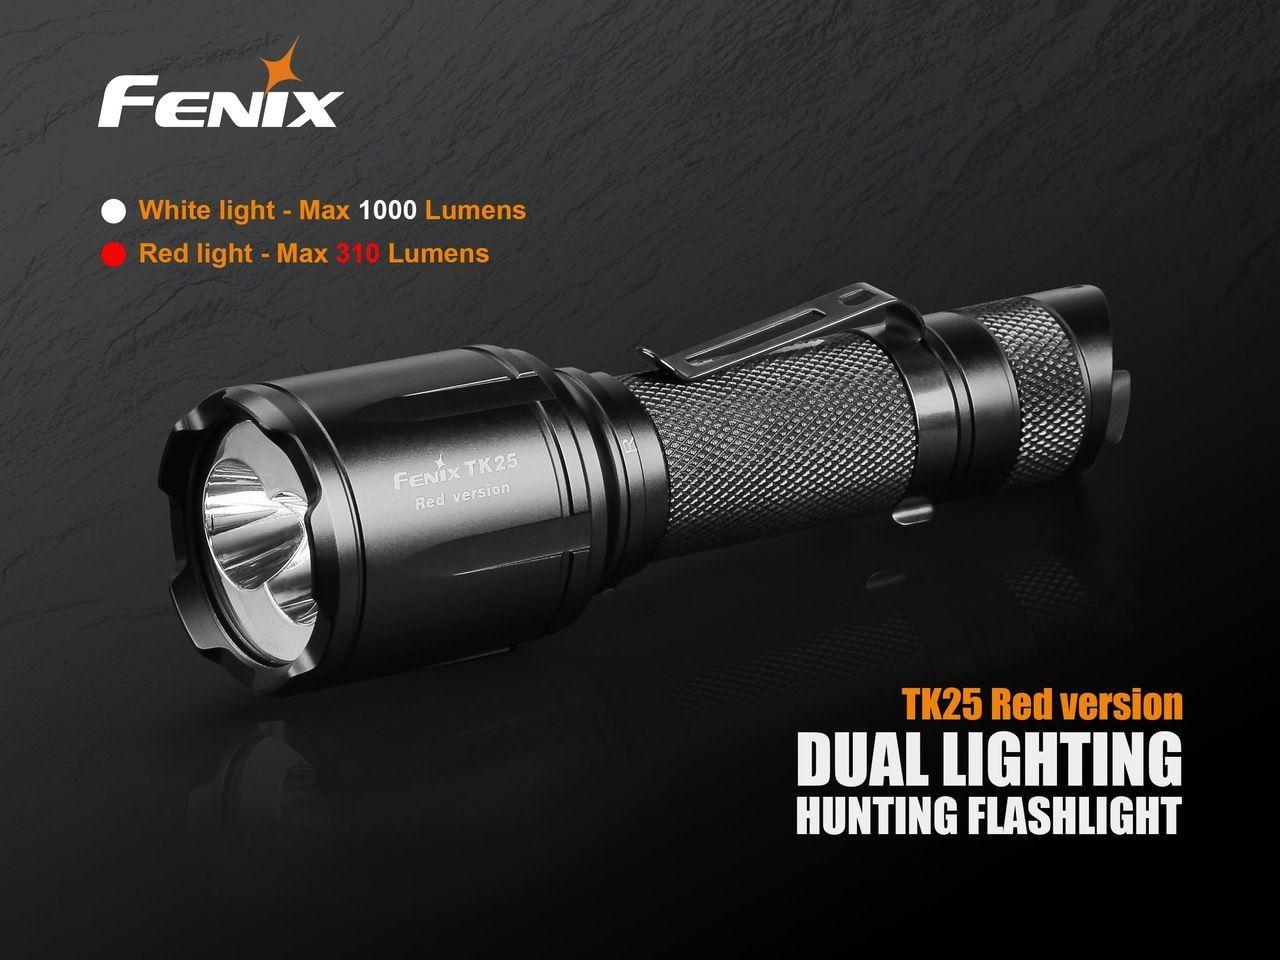 Lanterna Fenix TK25 Red - 1000 Lumens